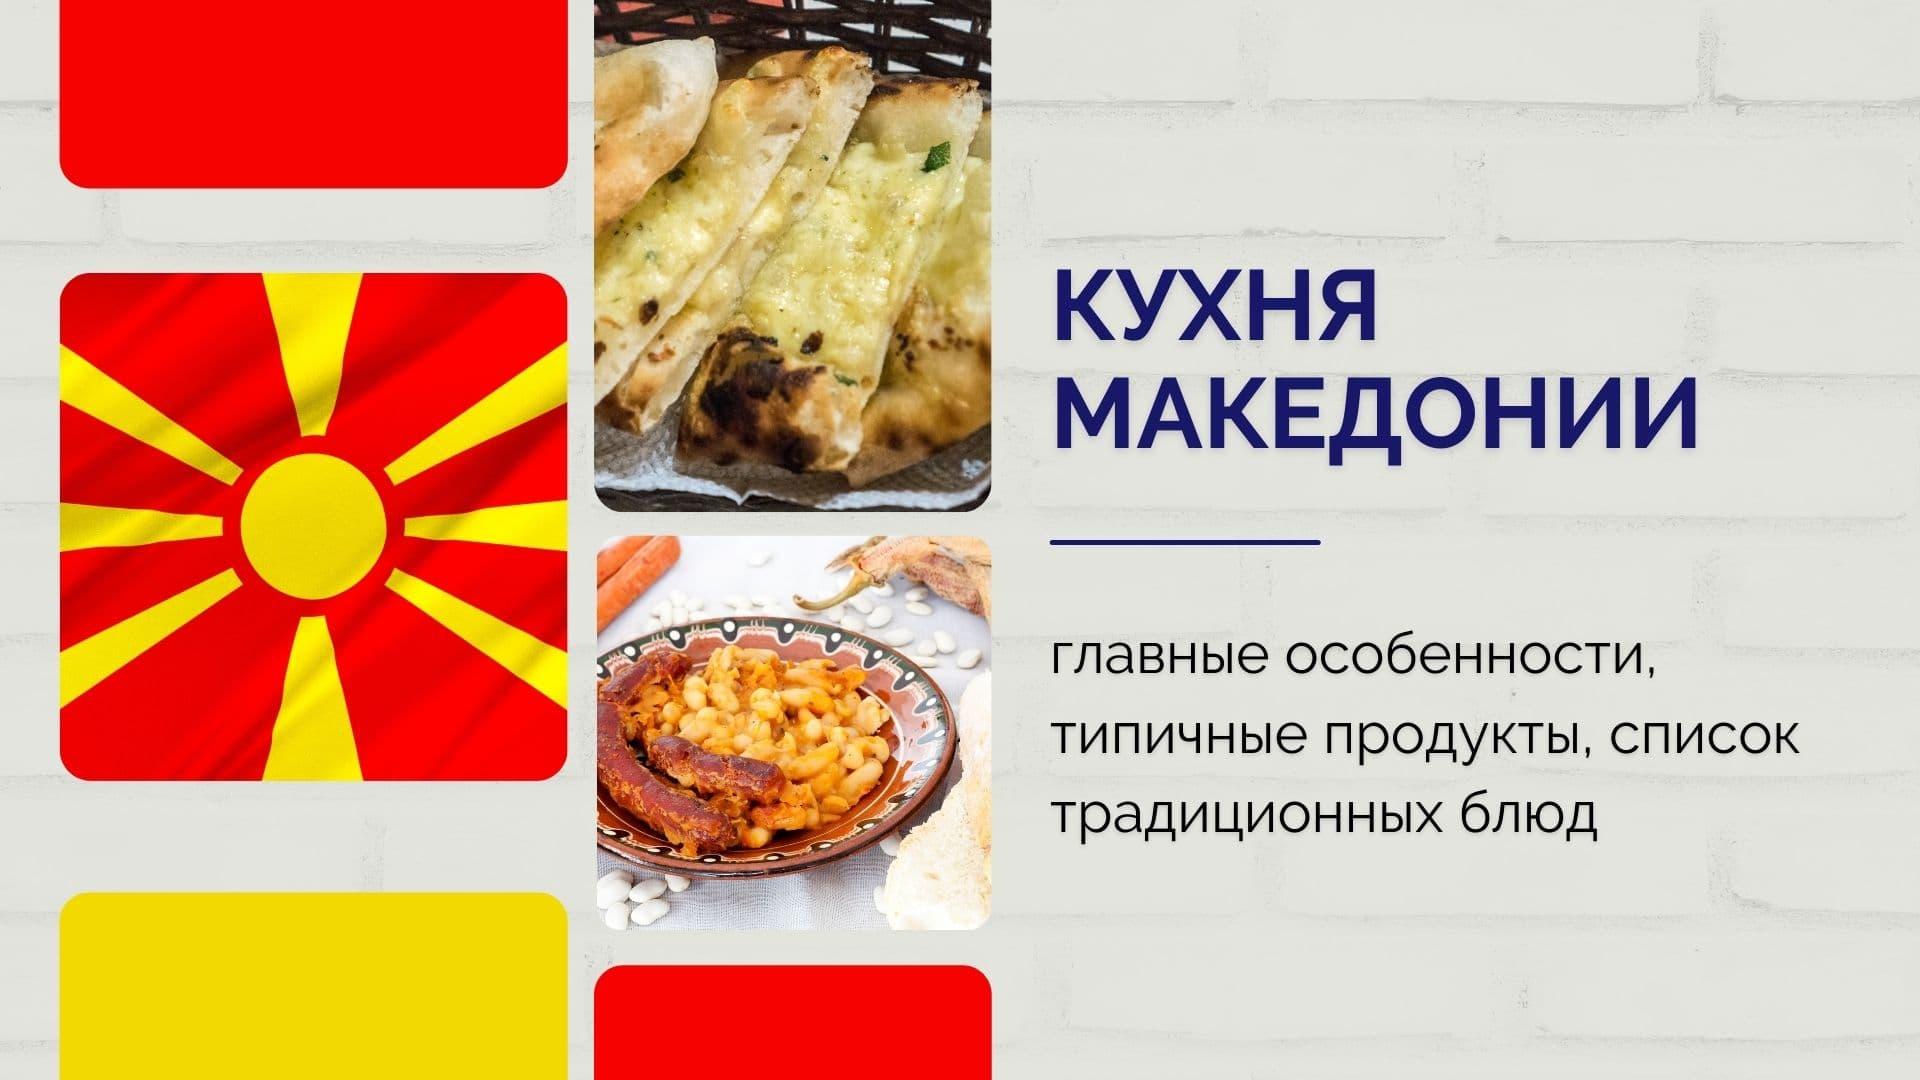 Кухня Македонии: главные особенности, типичные продукты, список традиционных блюд